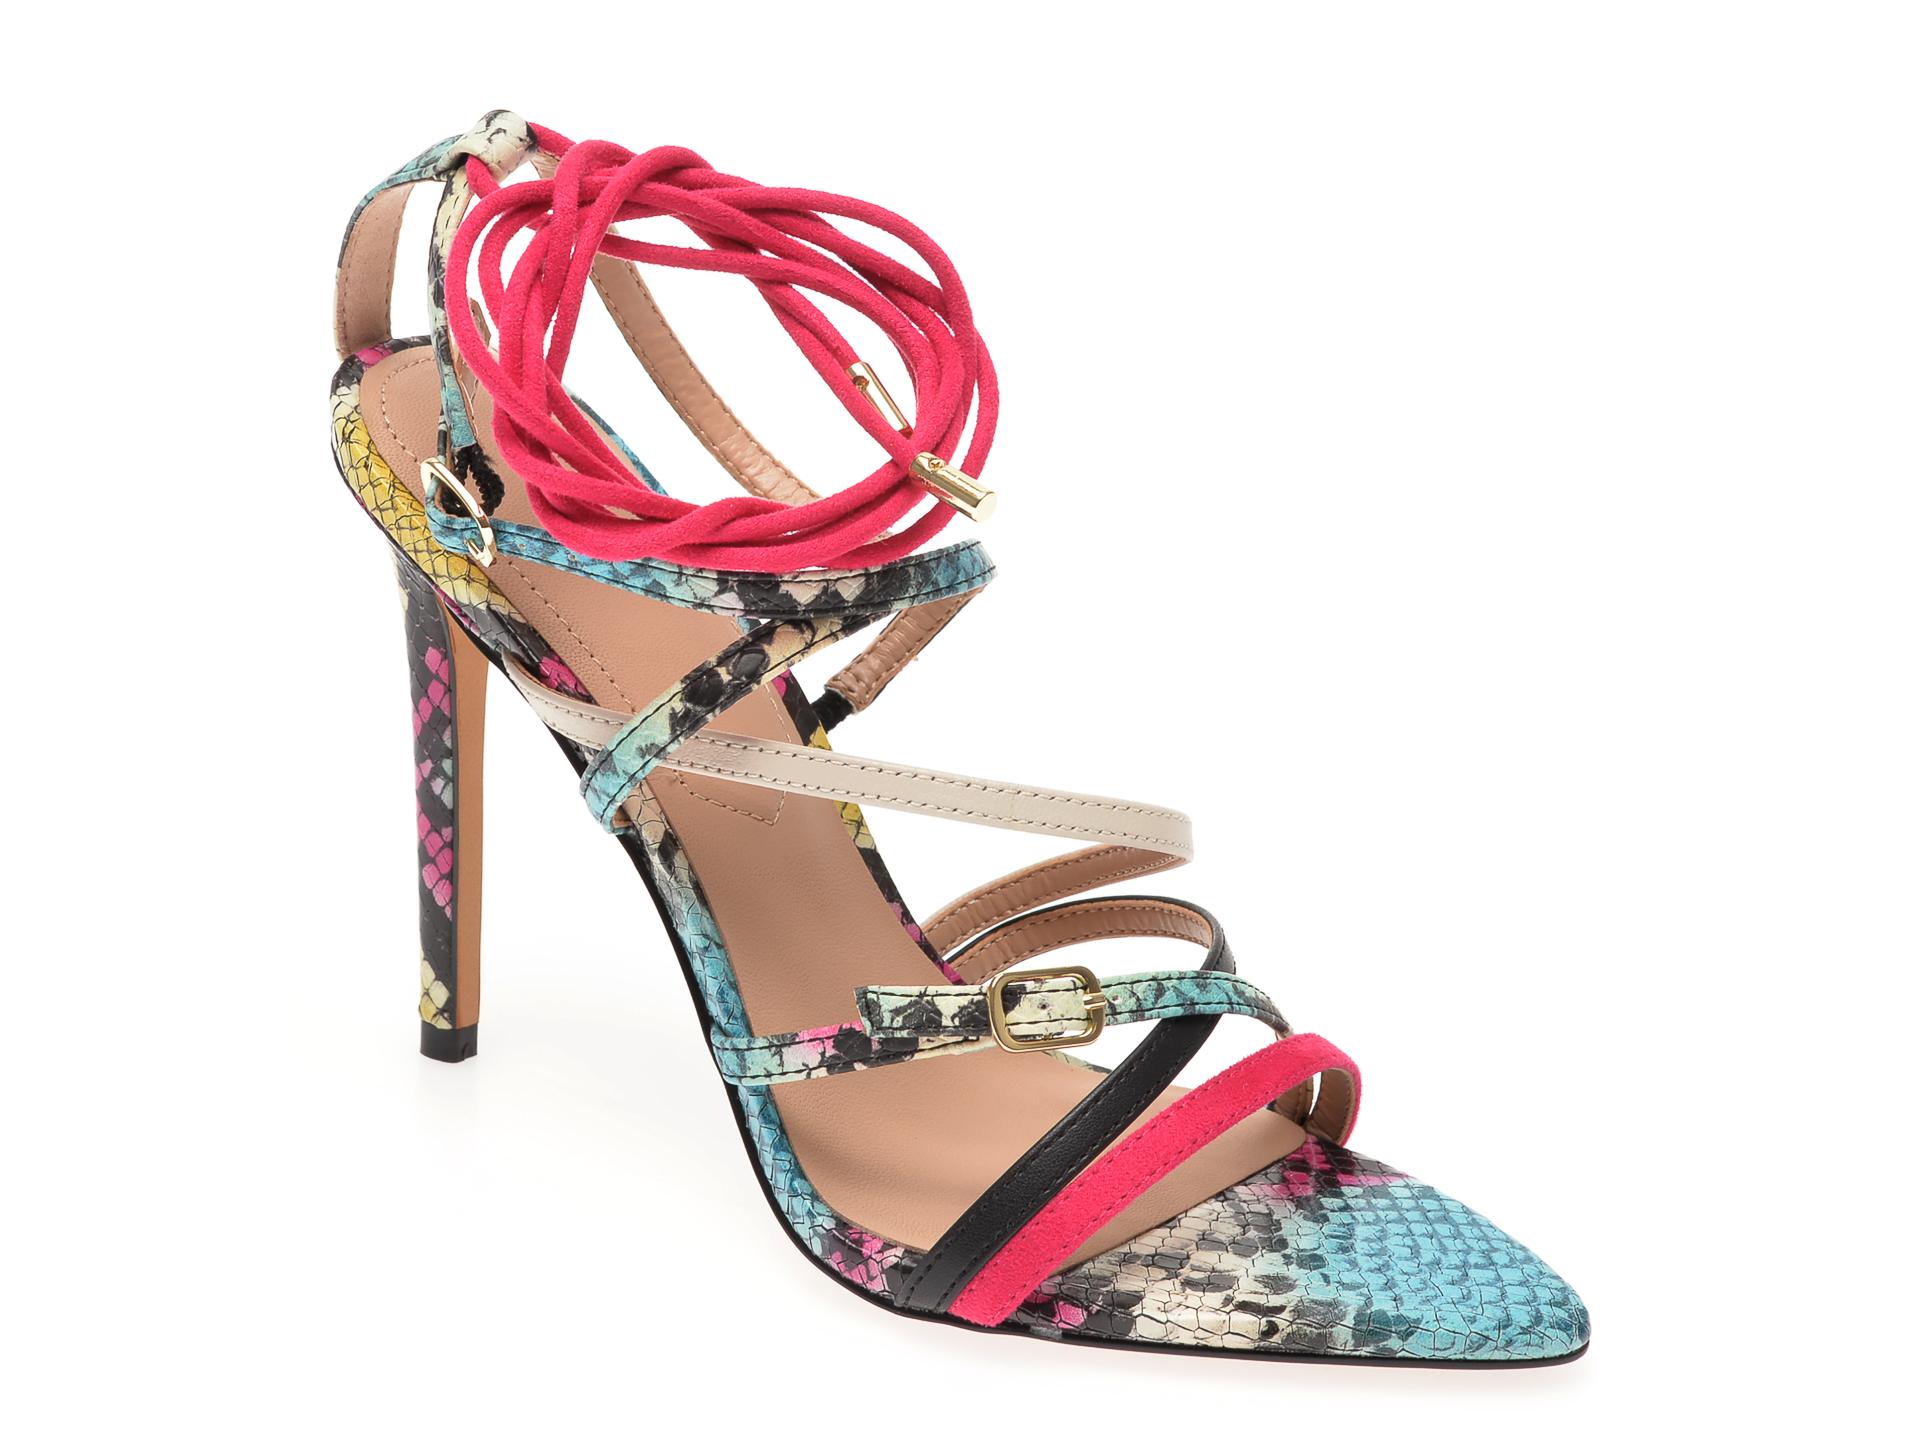 Sandale ALDO multicolore, Lawrence961, din piele ecologica